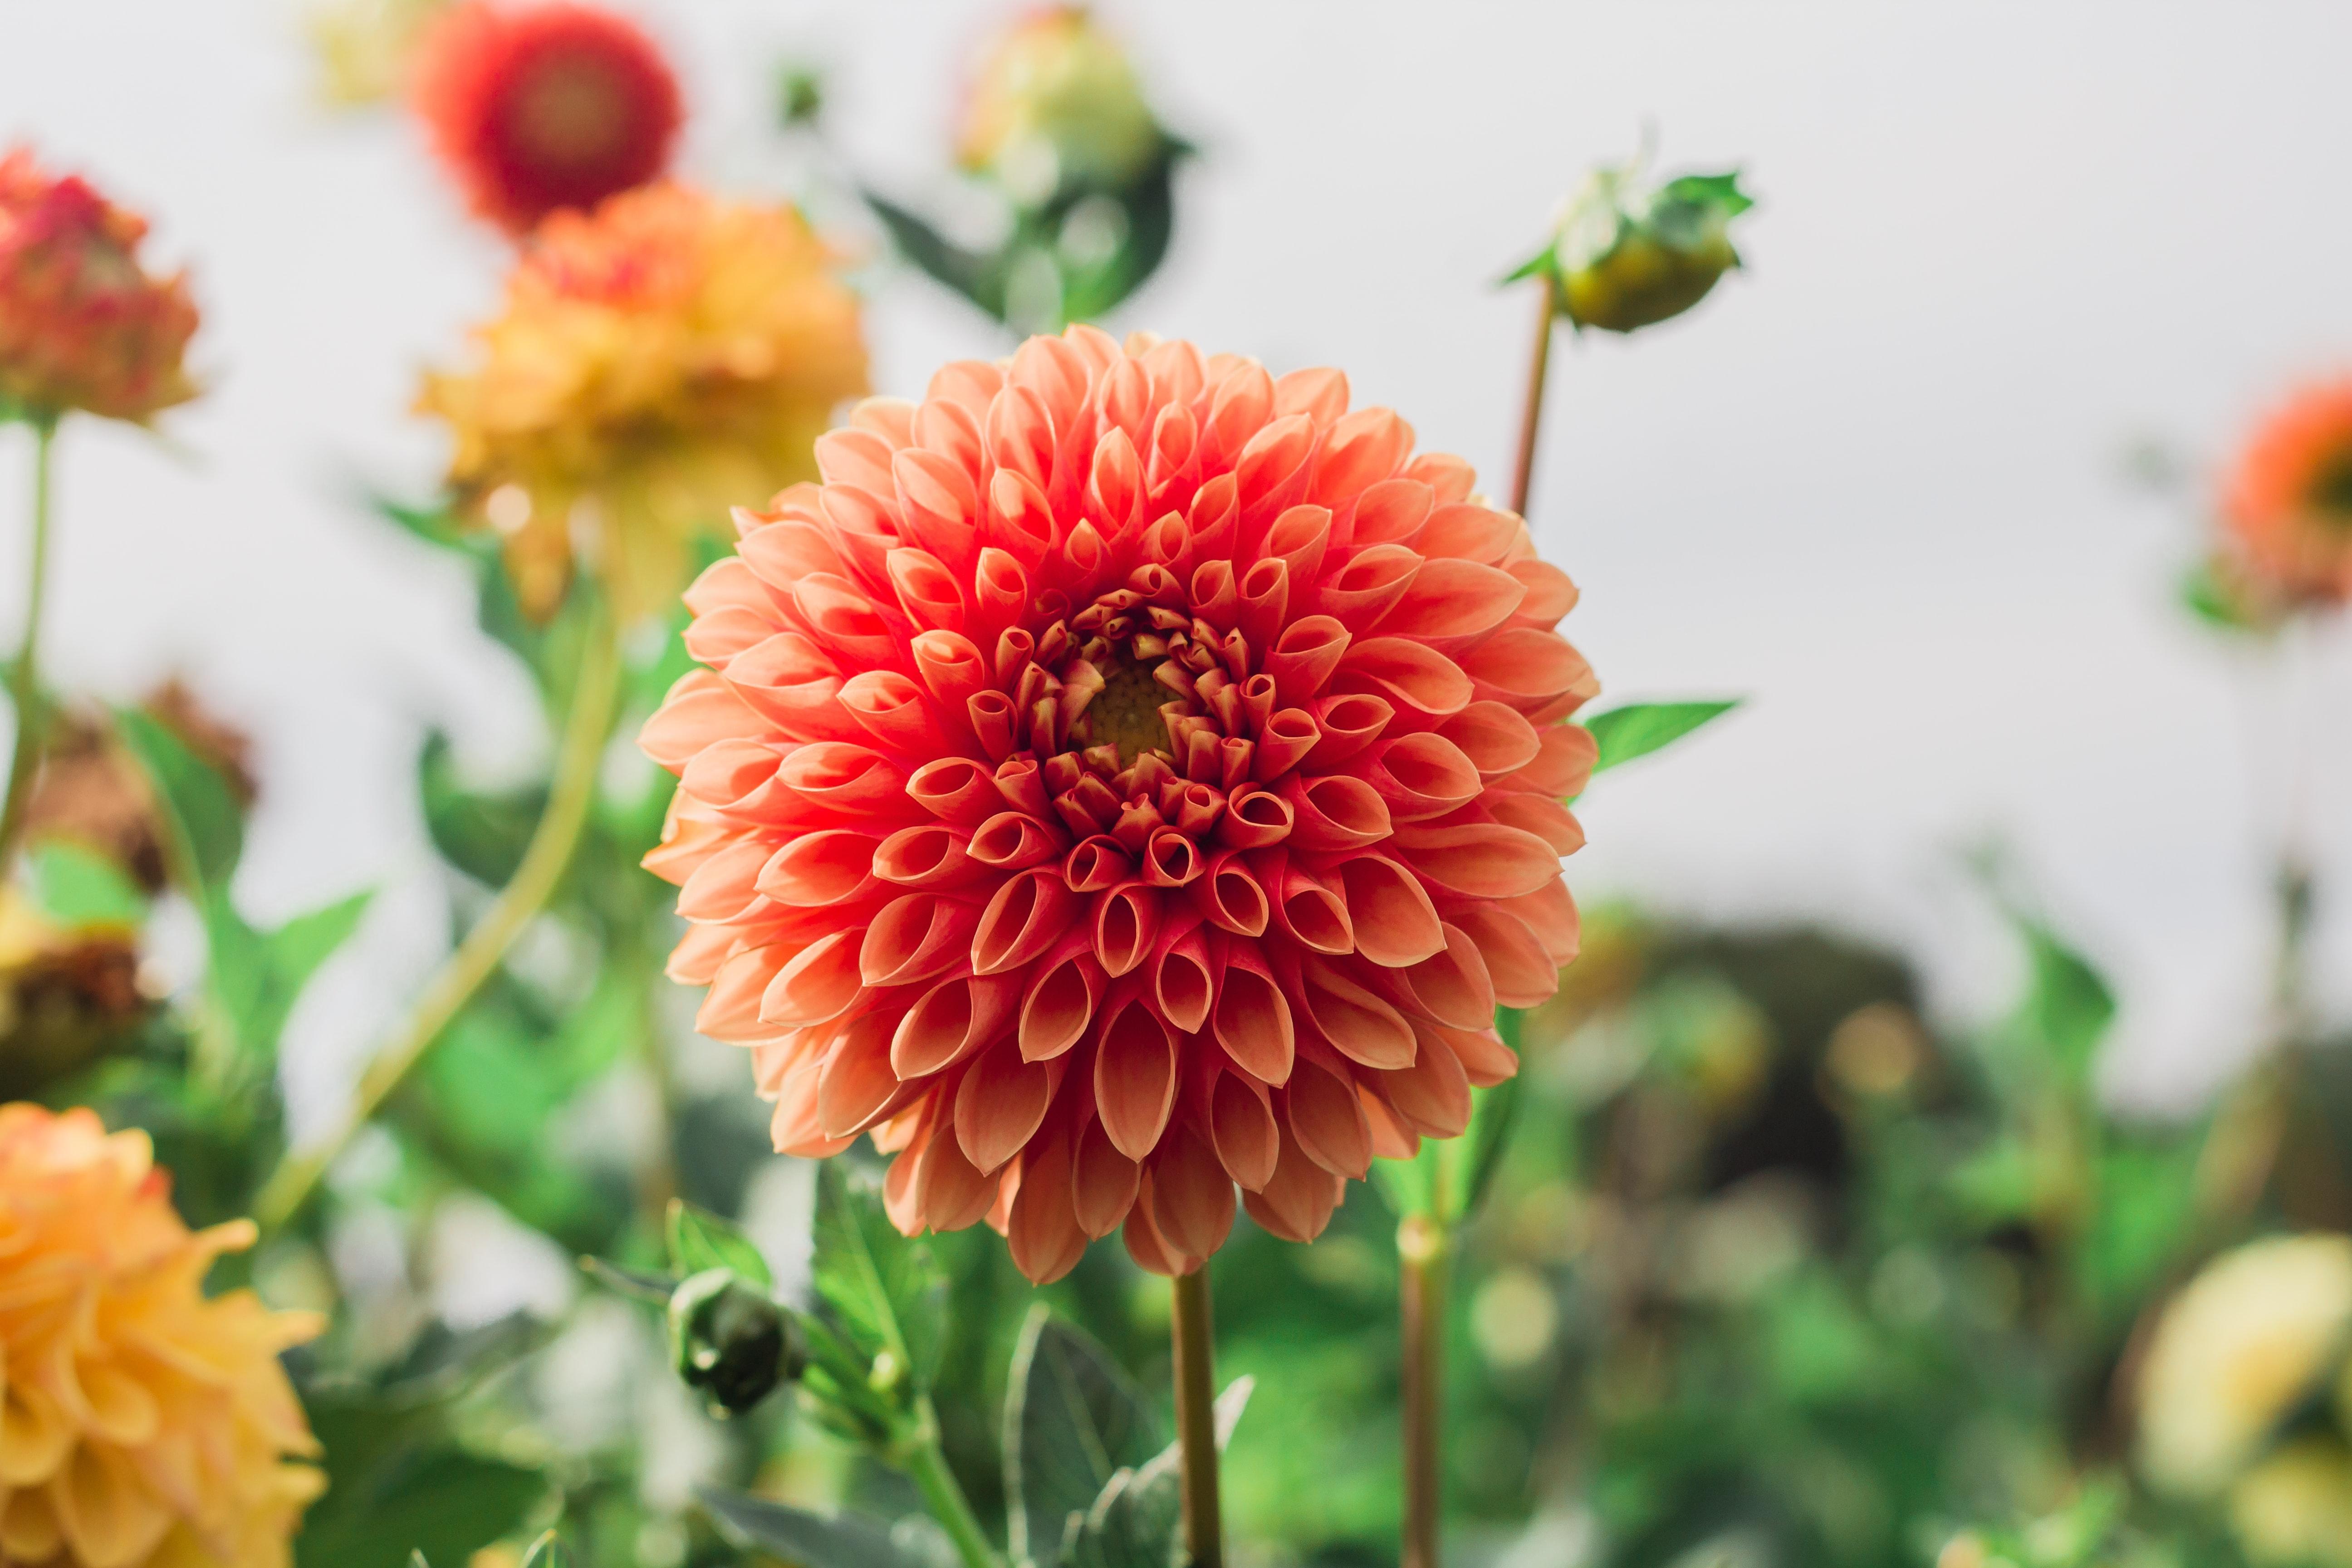 存在感と迫力抜群のダリアは、華やかで艶やか。1輪だけでも、飾るだけでインパクトがあるお花です。大輪のものになると、顔の大きさ程になるほど、大きさは様々。